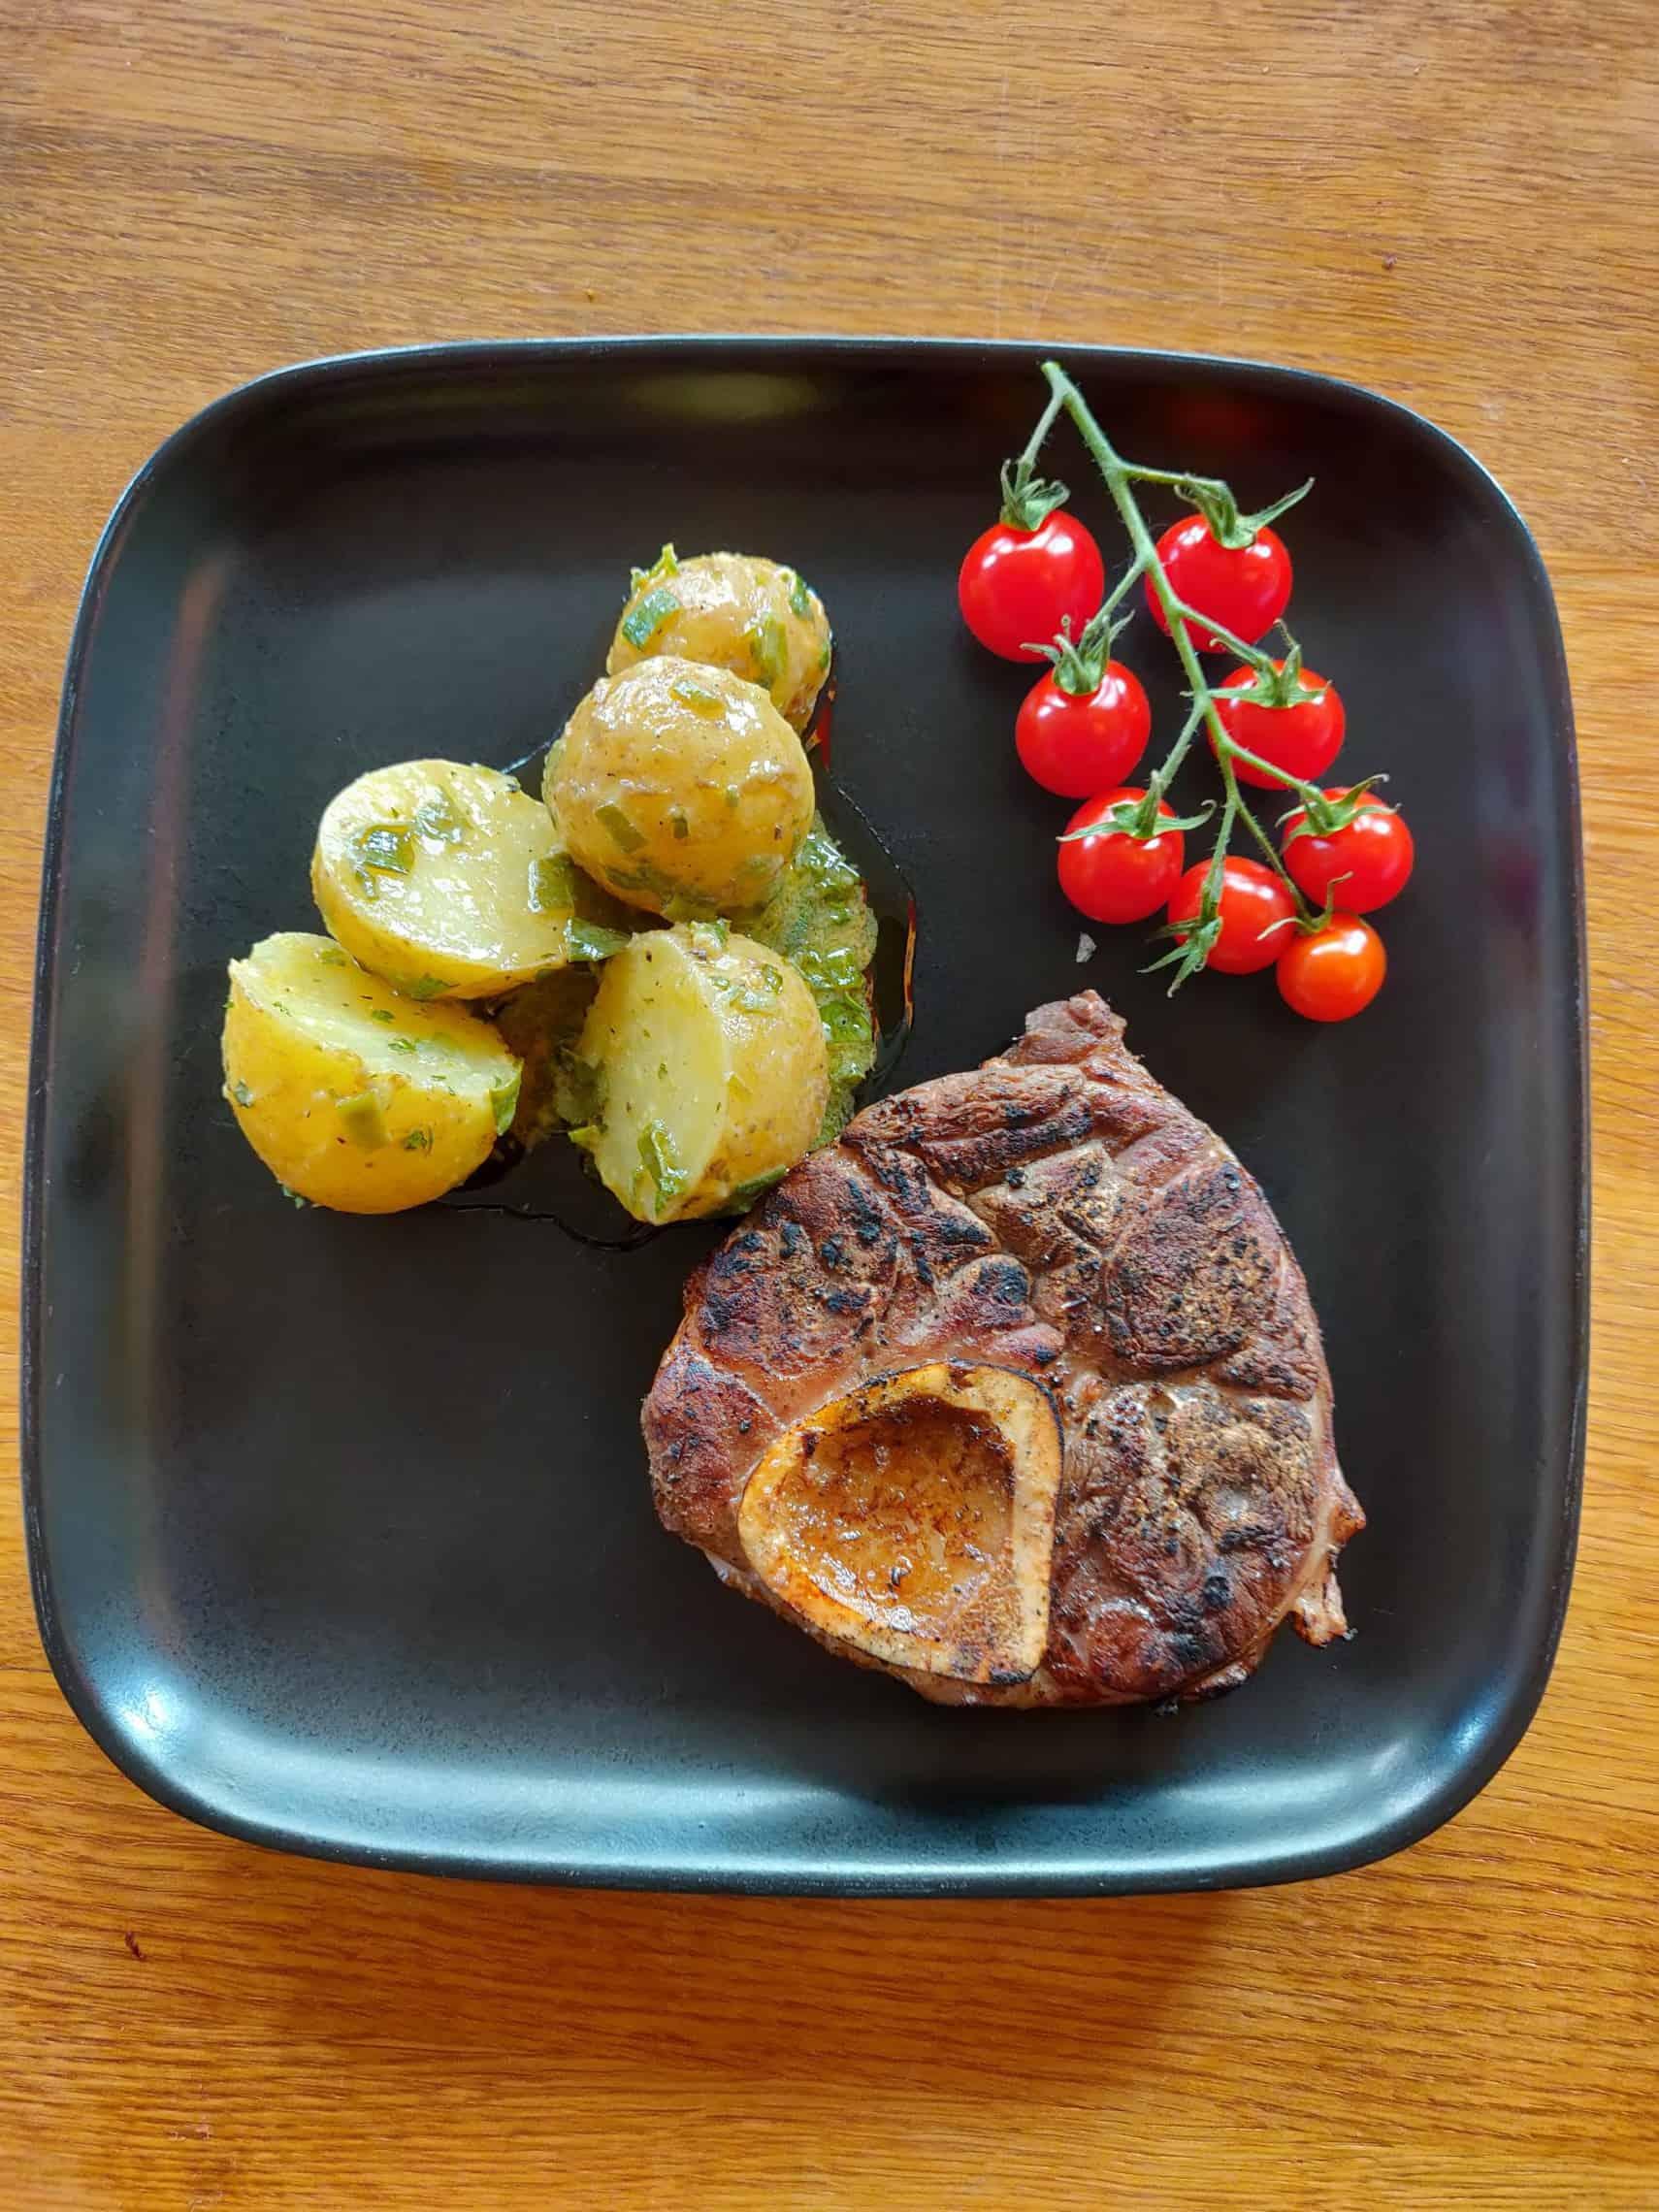 Kalvlägg med fransk potatissallad och tomater